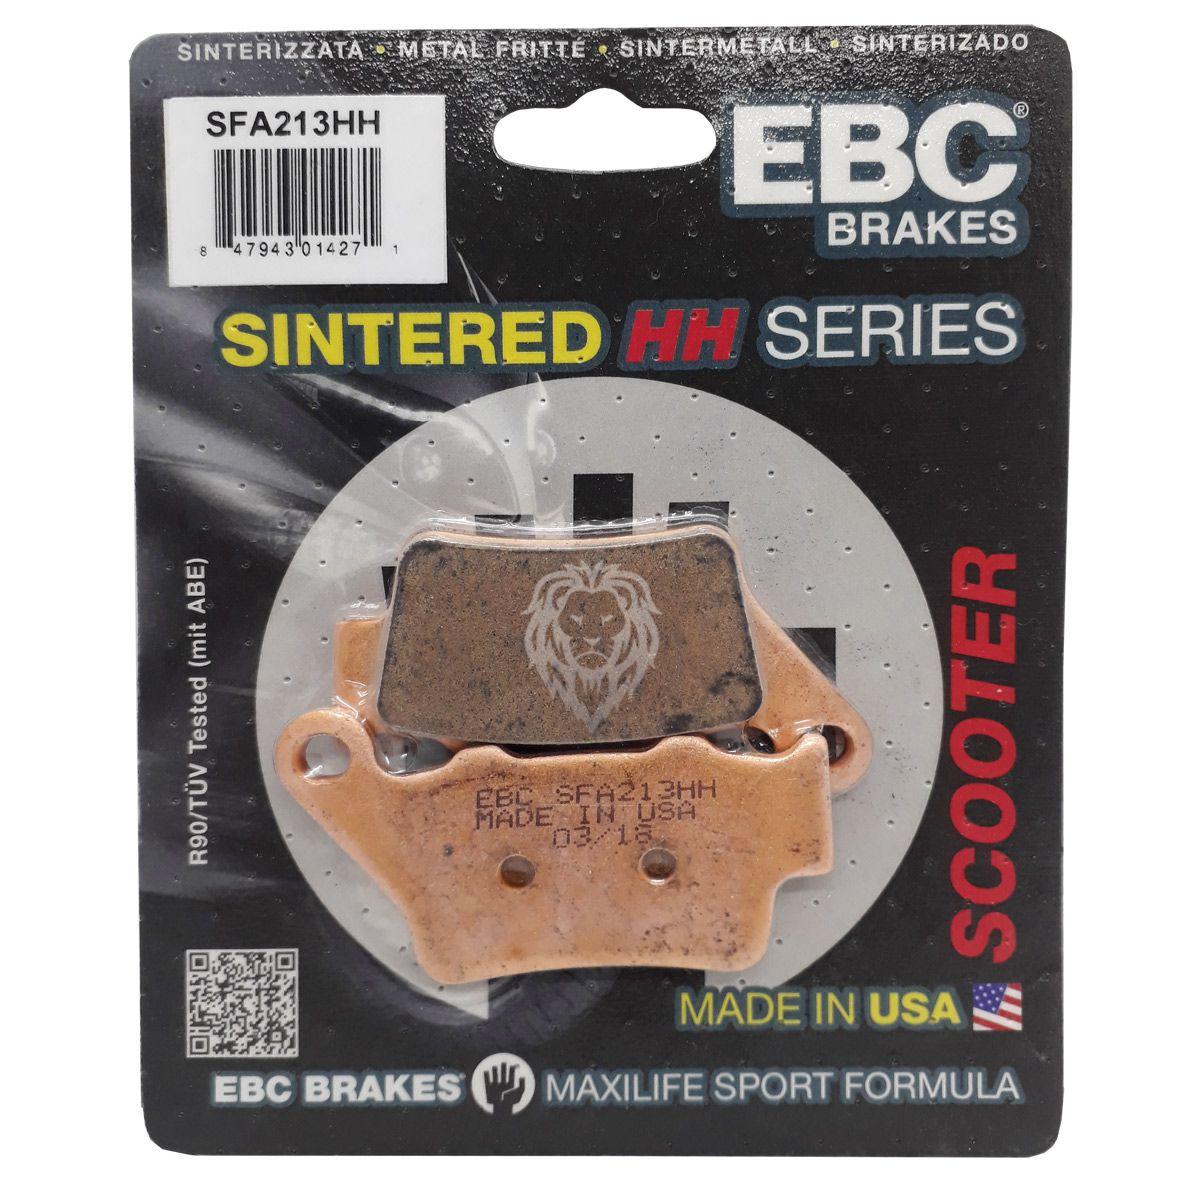 Pastilha Freio Ebc Bmw F800GS/F800R/S1000RR/XT660R/Z Traseira Sinterizada FA208R